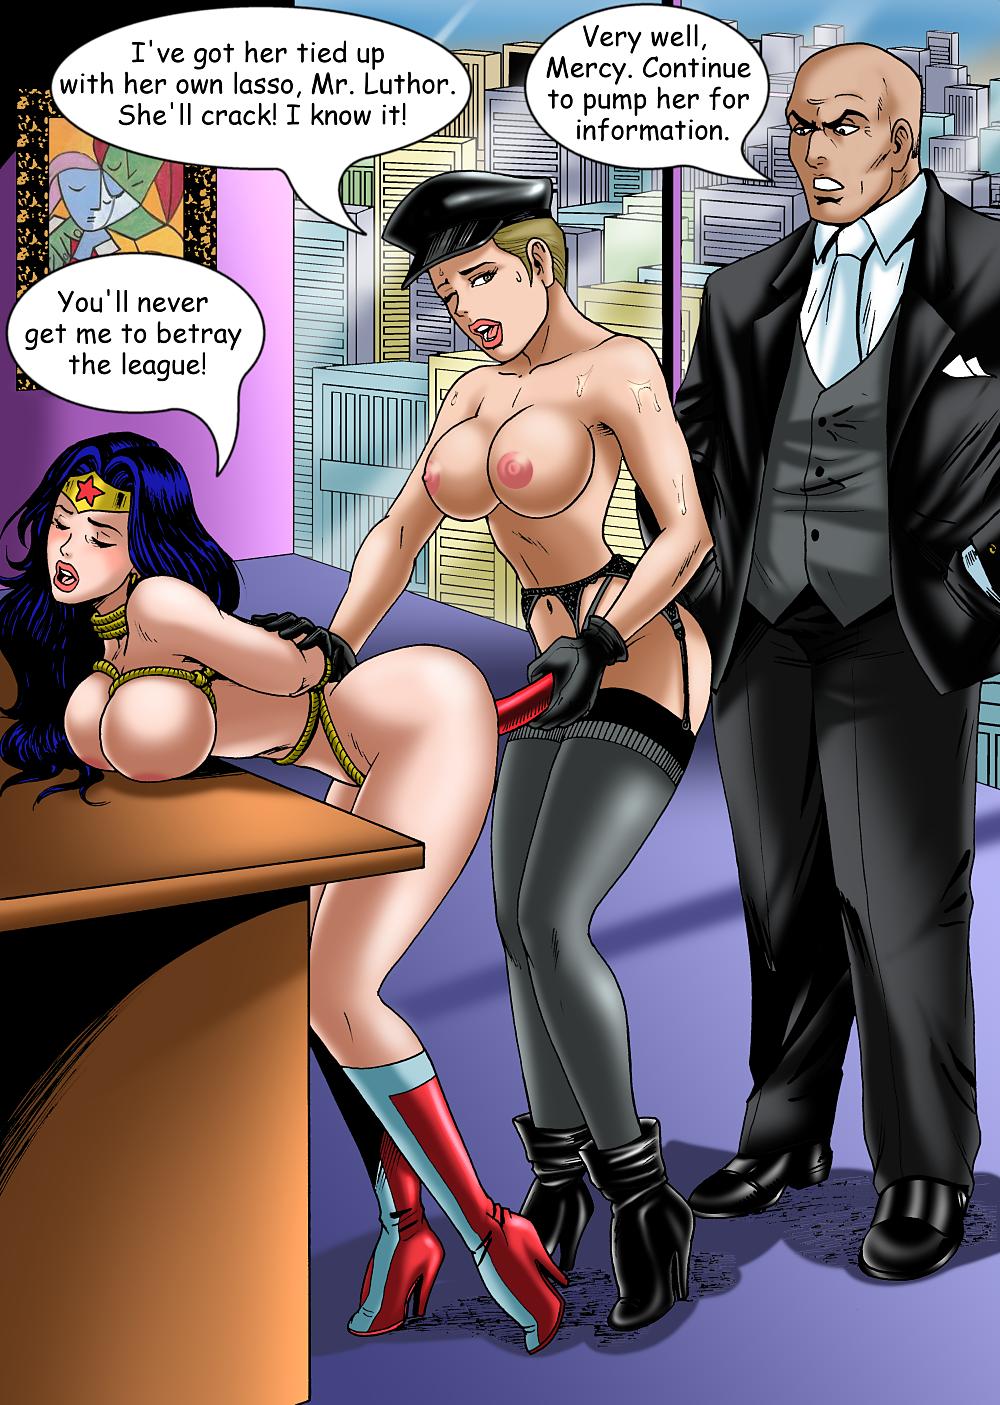 Whorecraft episode 3 sex scenes 2